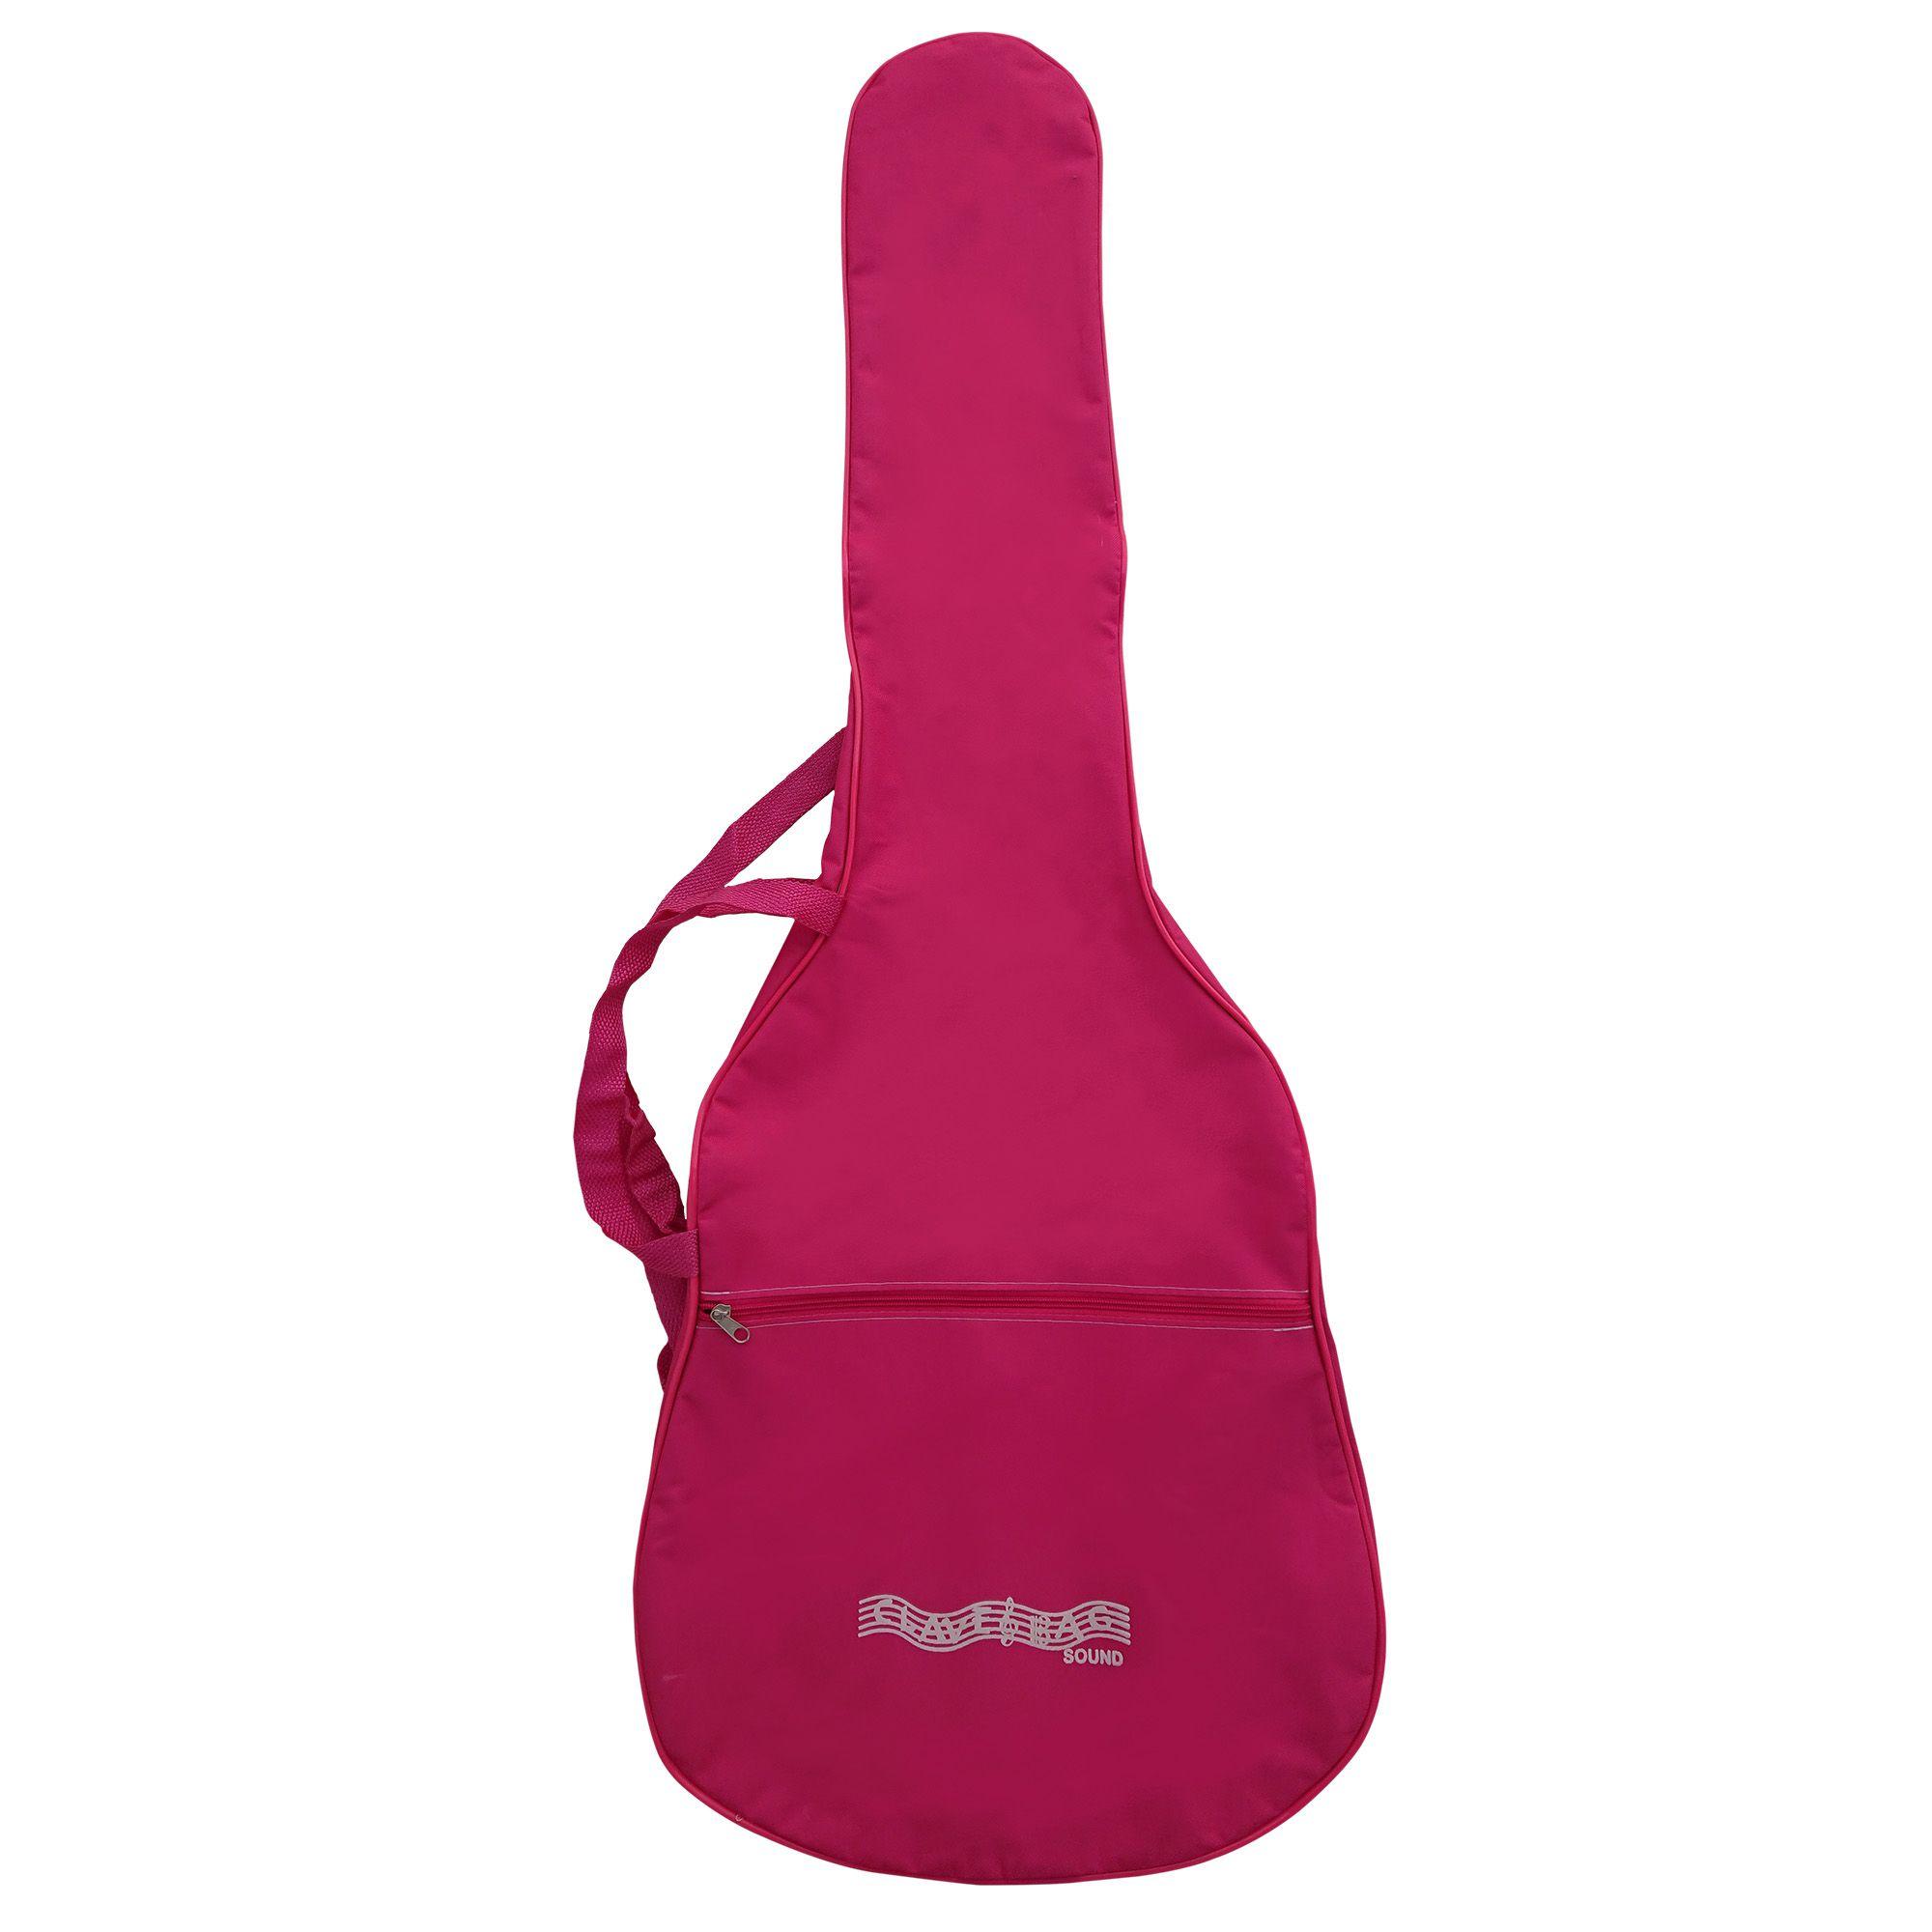 Capa Bag Para Violão Clássico Rosa Comum CLAVE & BAG. No formato do violão, alça de mão e tira colo. CMR502